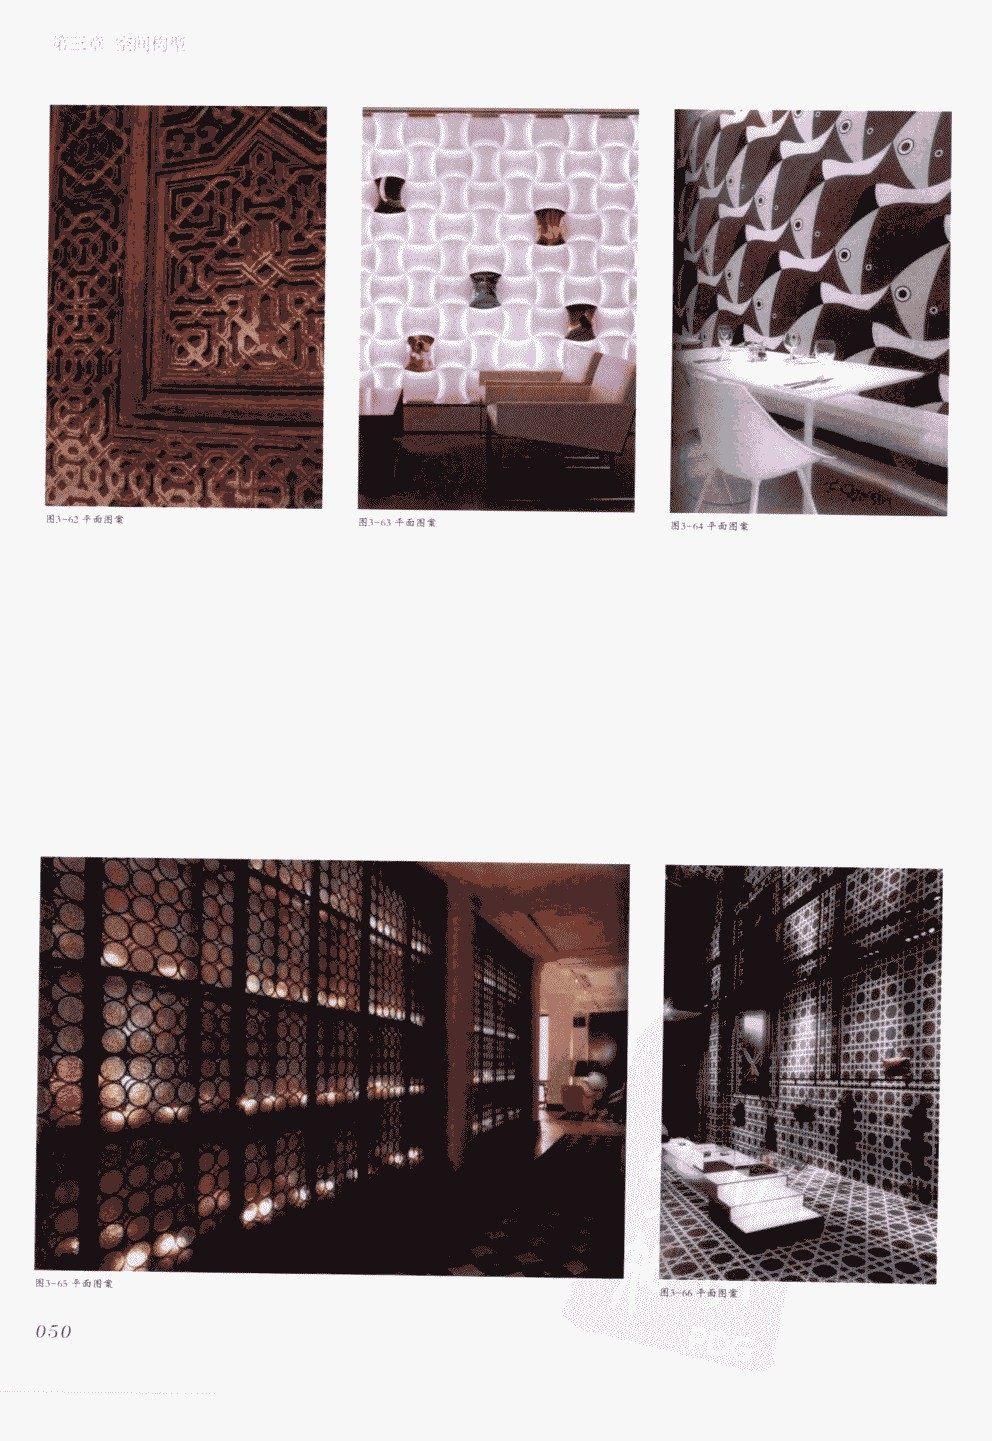 室内设计纲要++概念思考与过程表达_室内设计纲要  概念思考与过程表达_1297982..._页面_058.jpg